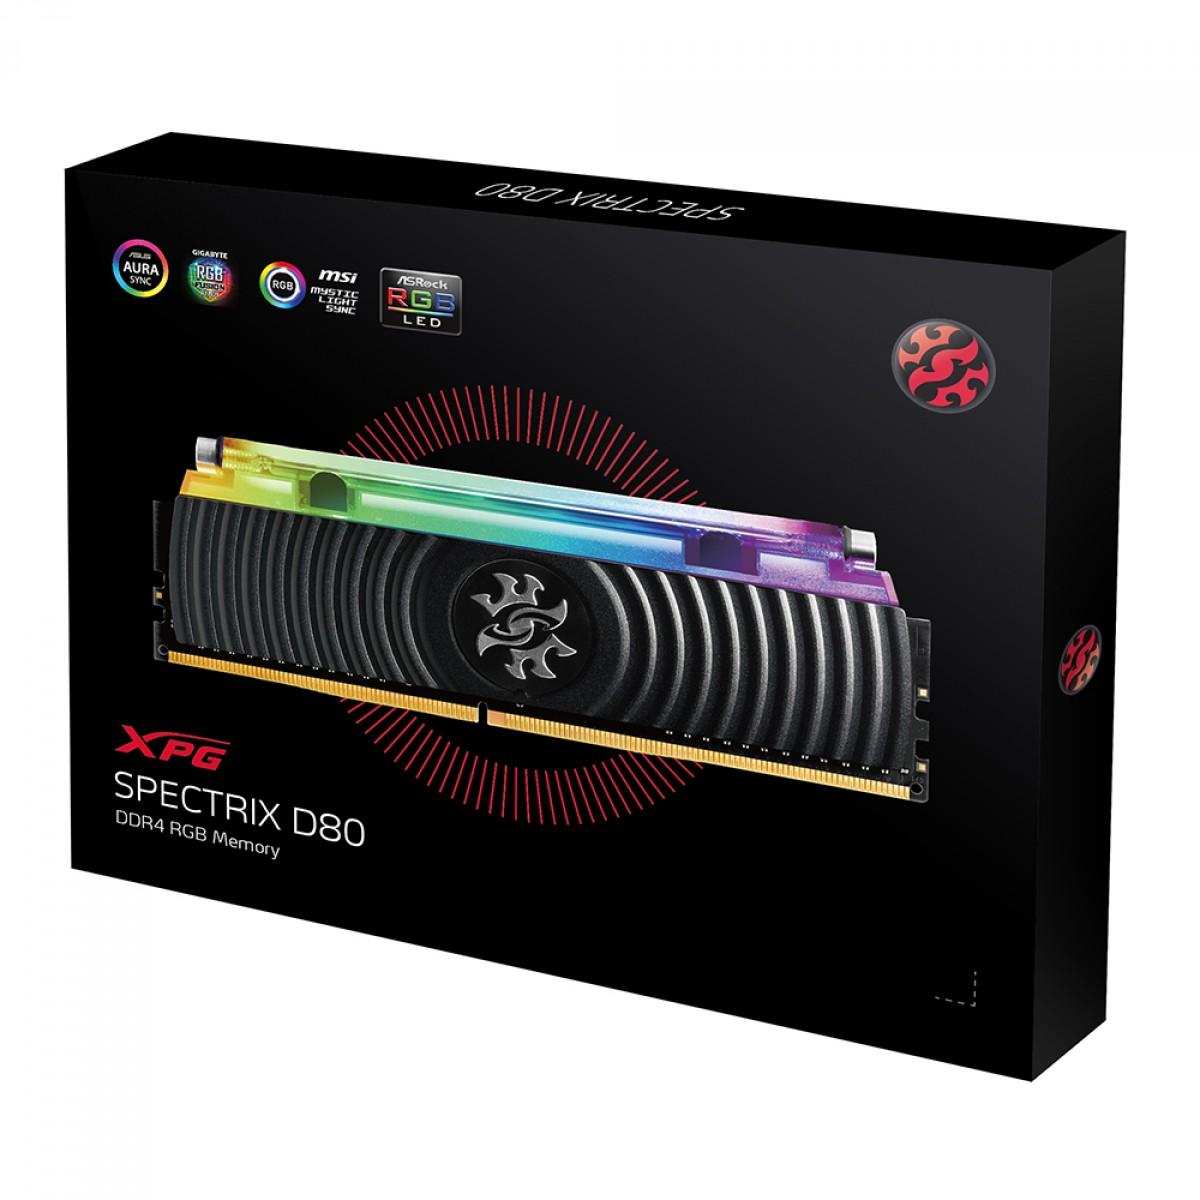 Memória DDR4 XPG Spectrix D80, 16GB (2x8GB), 3000Mhz, CL16, RGB, Black, AX4U300038G16A-DB80